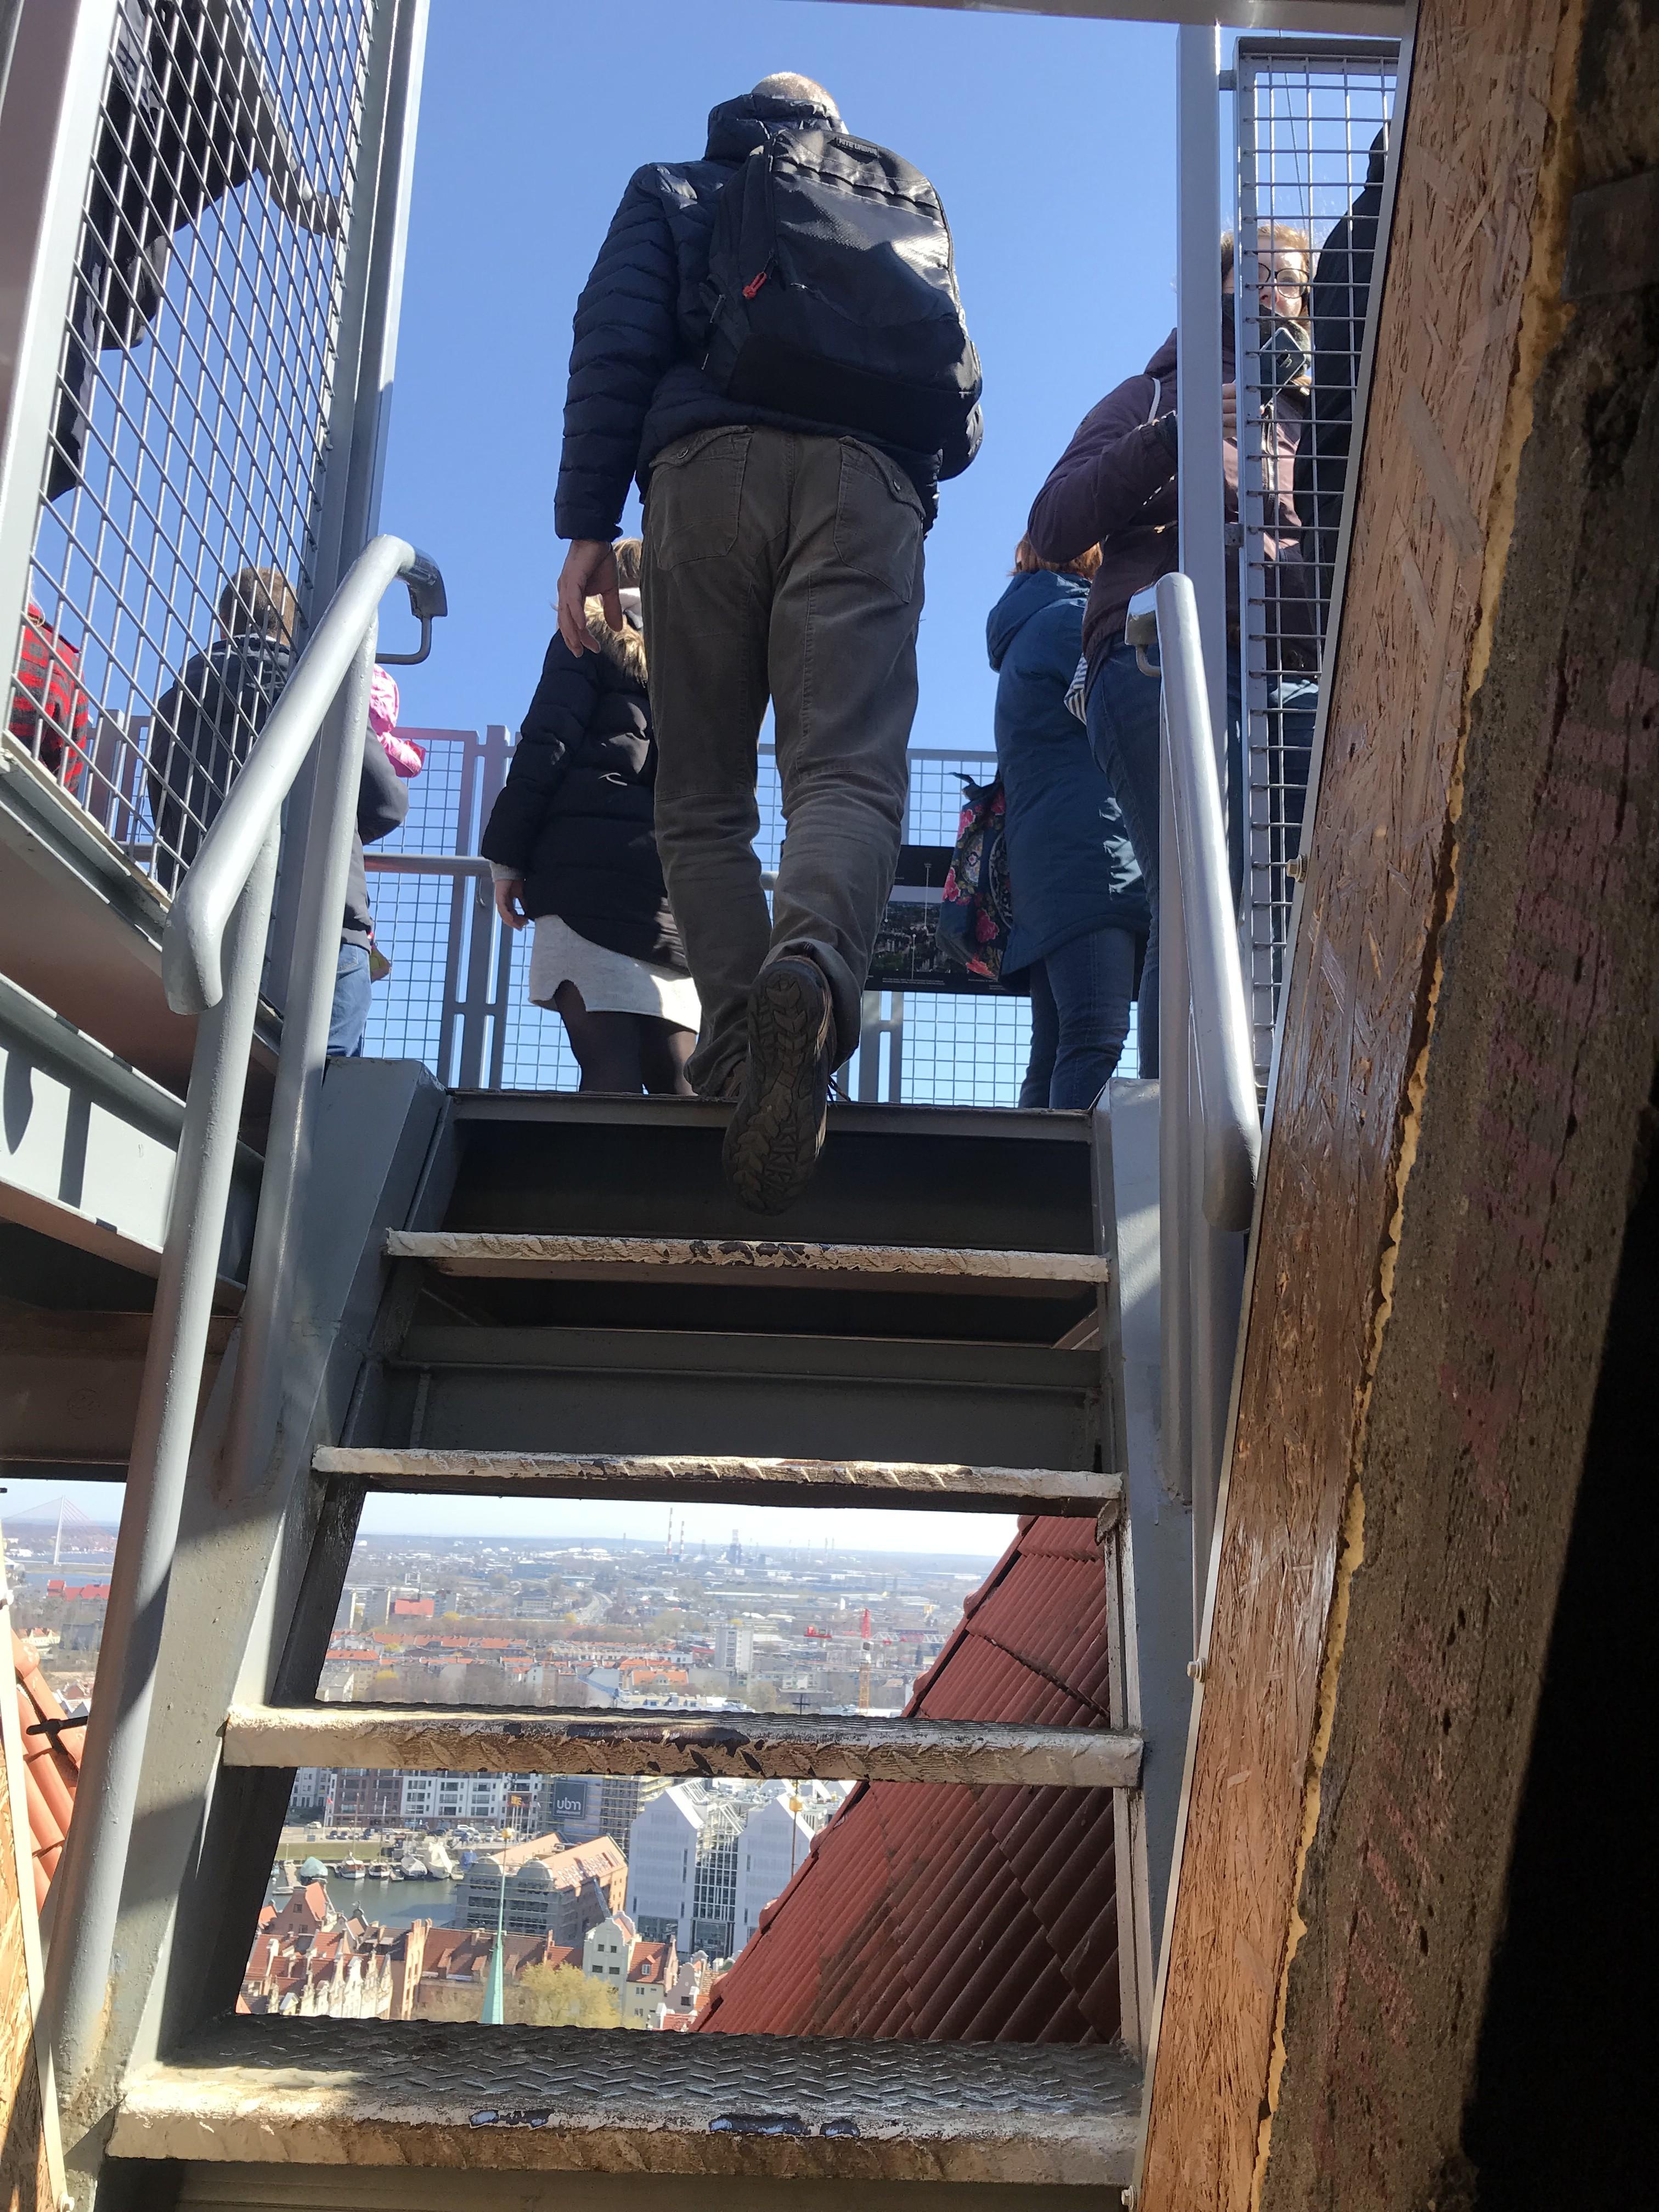 f43951c1332 Må innrømme at jeg flere ganger hadde lyst til å gi opp og gå ned igjen pga  høyden. Men så møtte jeg 2 damer som var på vei ned igjen fra toppen ...